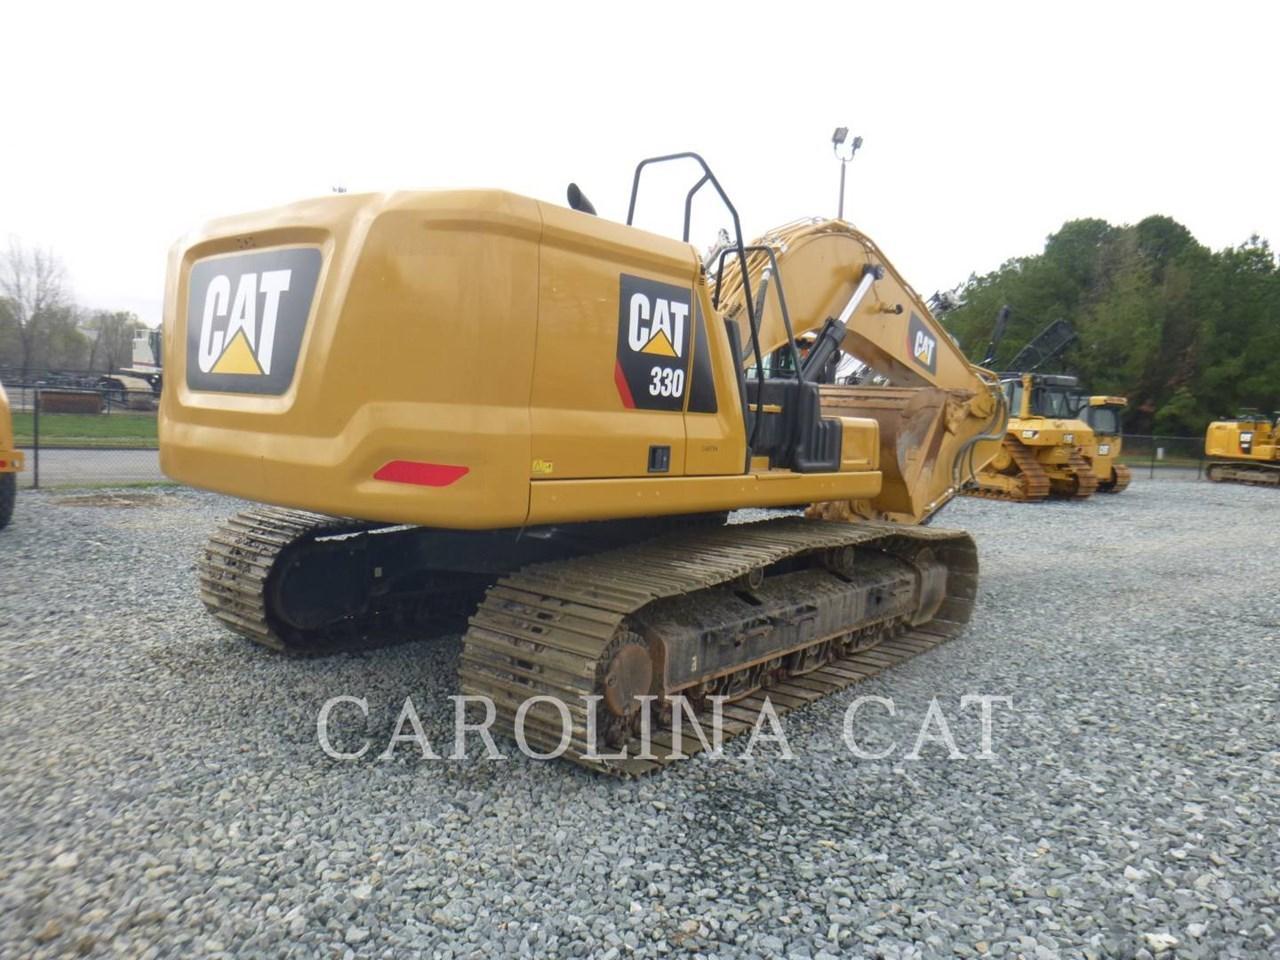 2019 Caterpillar 330 Image 3